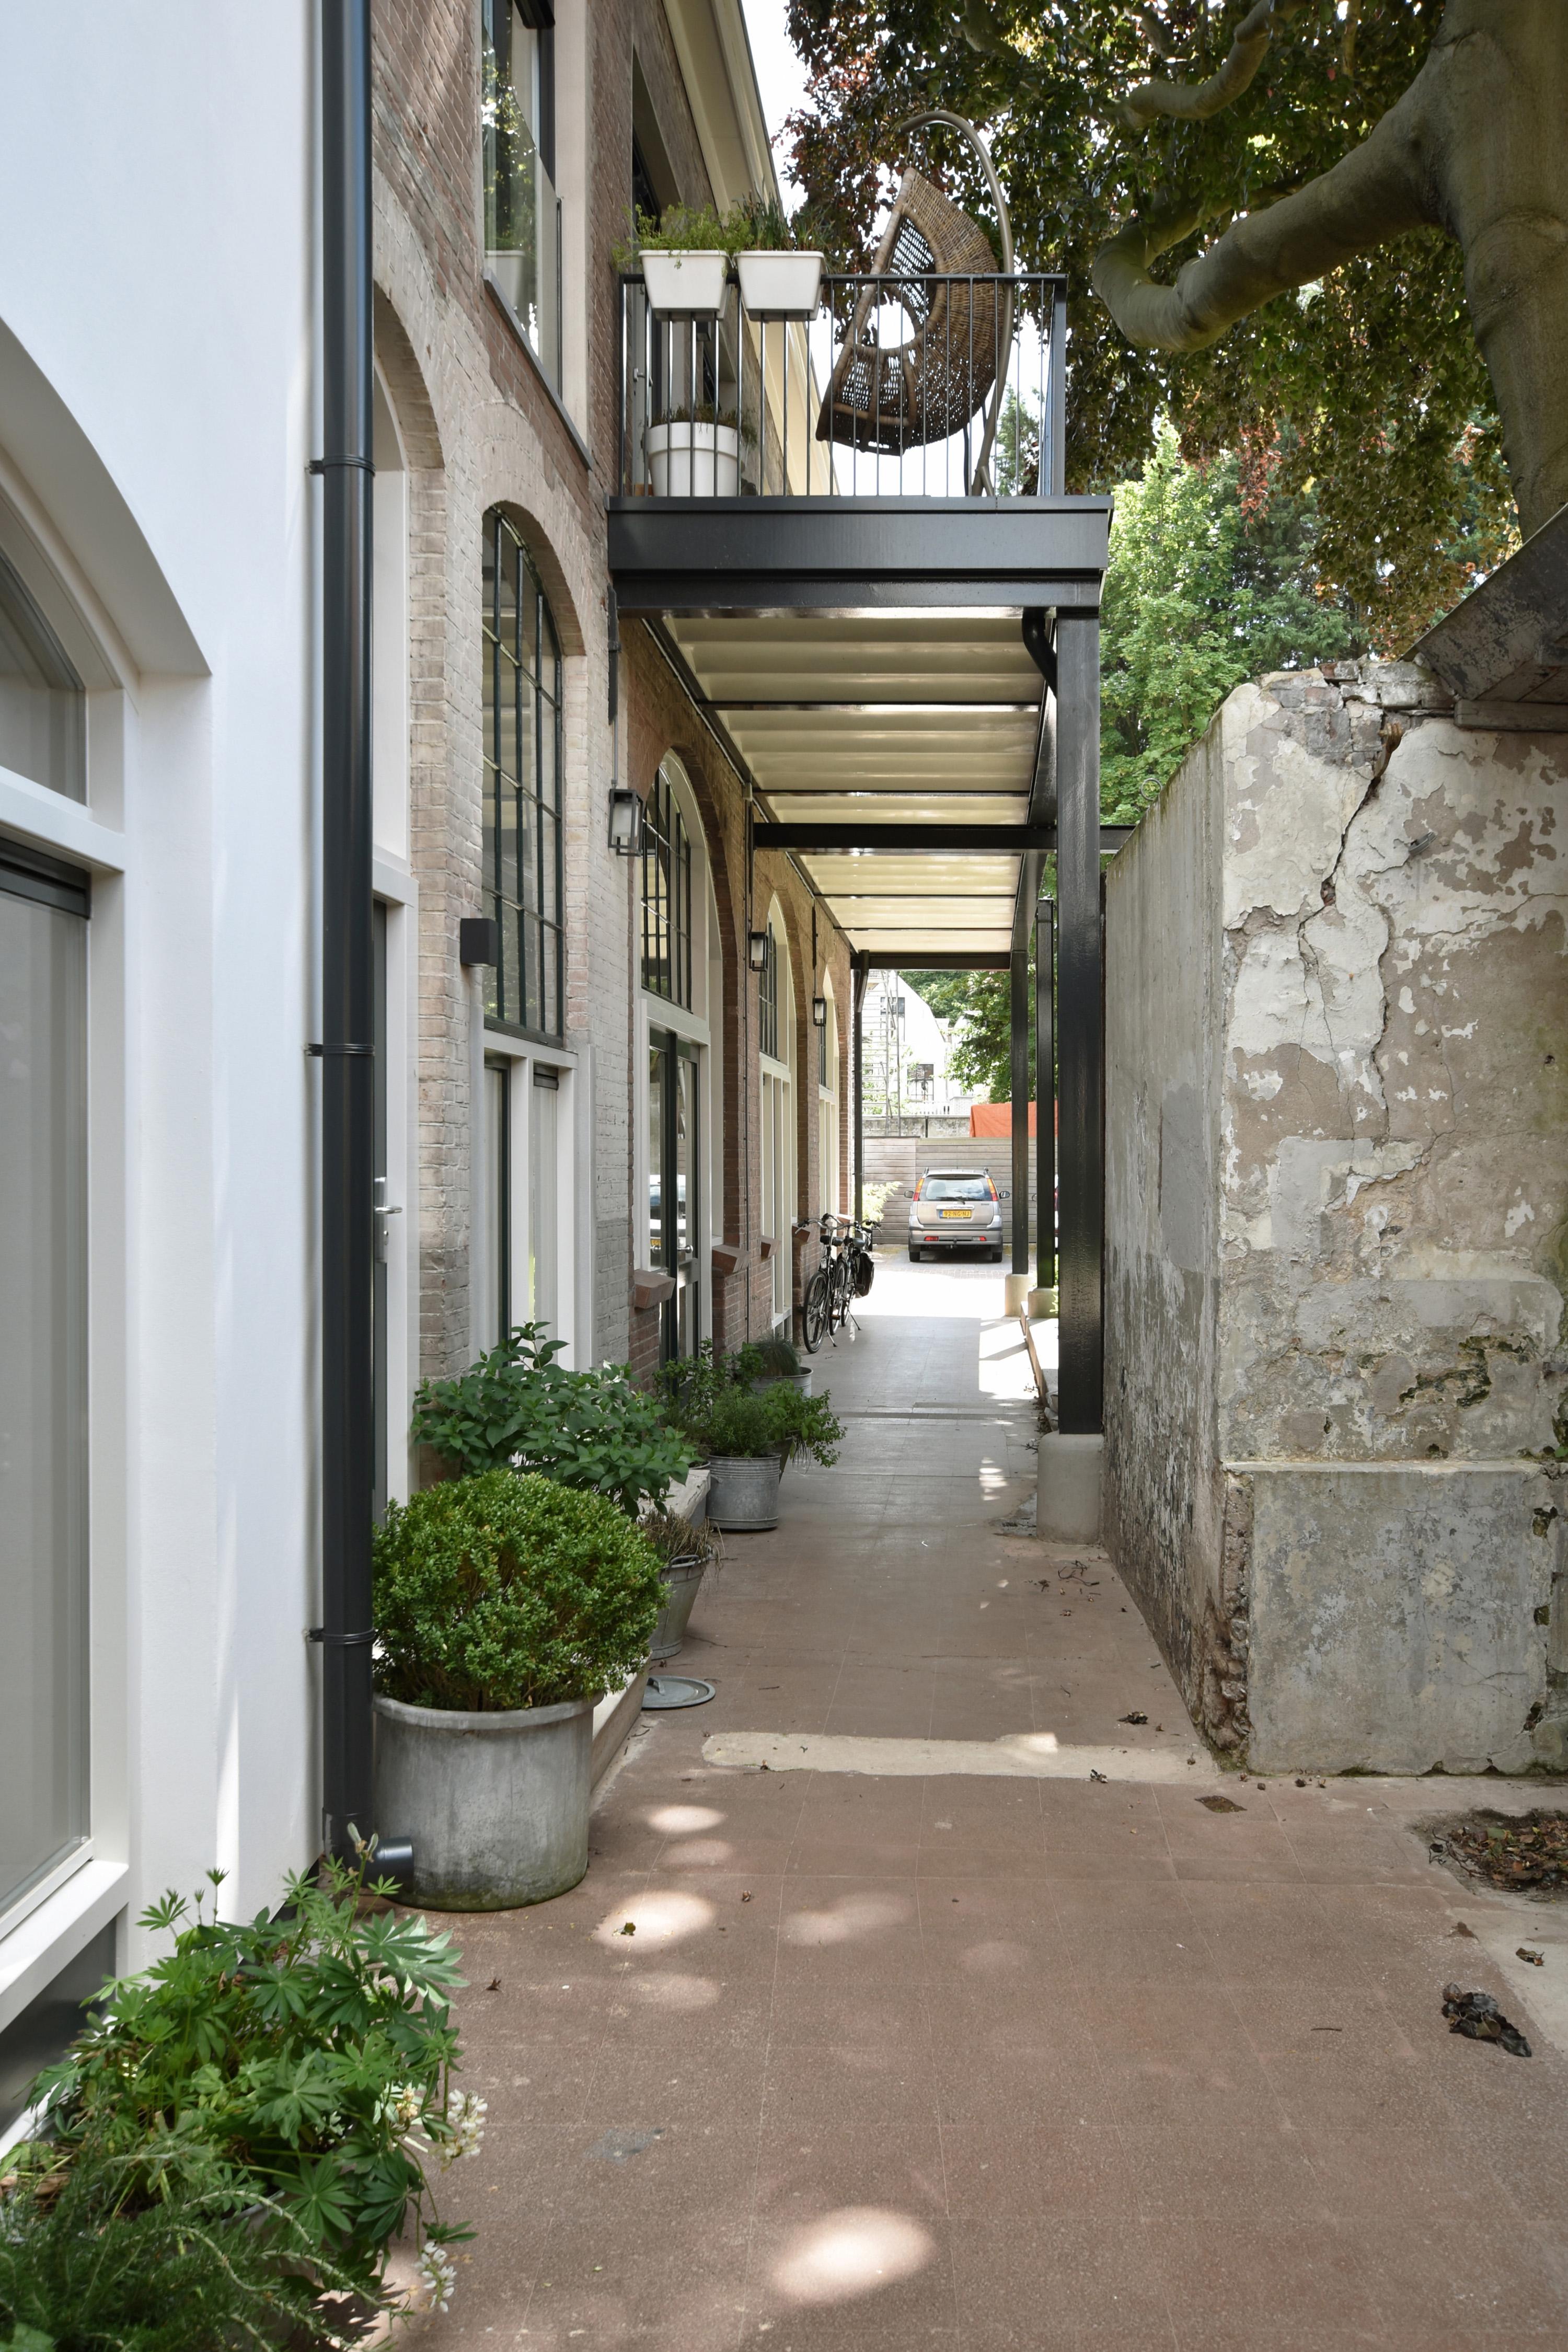 <p>oude fabrieksstraat is nieuw leven ingeblazen, door nieuwe woningentrees en balkons op voormalige transportvloer, foto: GAAGA</p>